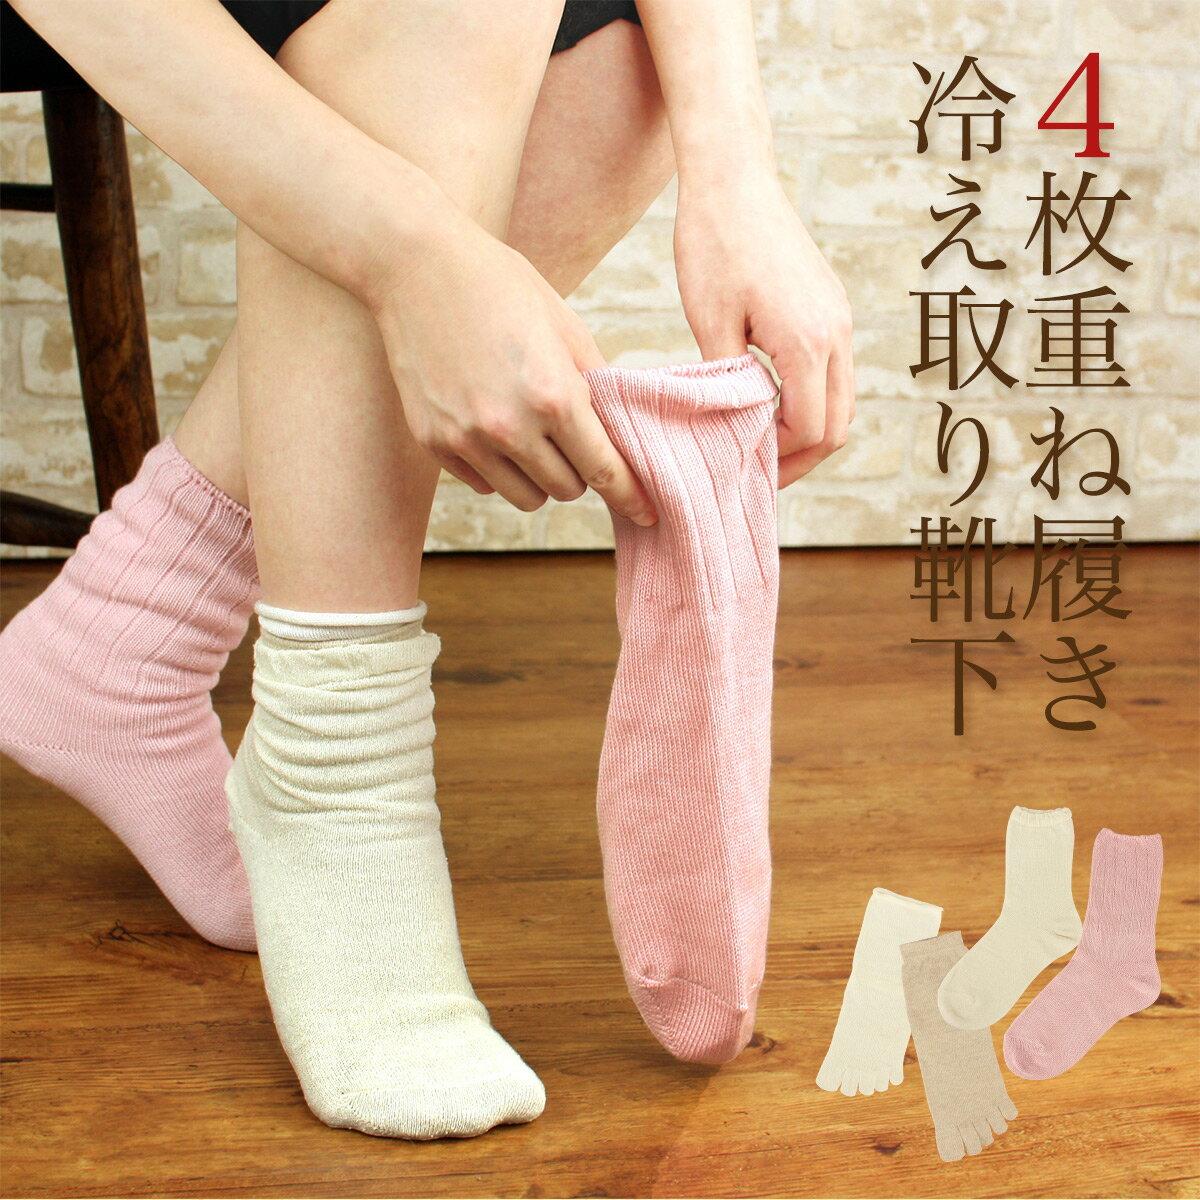 【マラソン期間限定!送料無料】セール!50%OFF冷え取り 4枚重ねばき靴下日本製の 絹&綿ソックス 4足セット ナイガイ concept (コンセプト)3012-410ポイント10倍